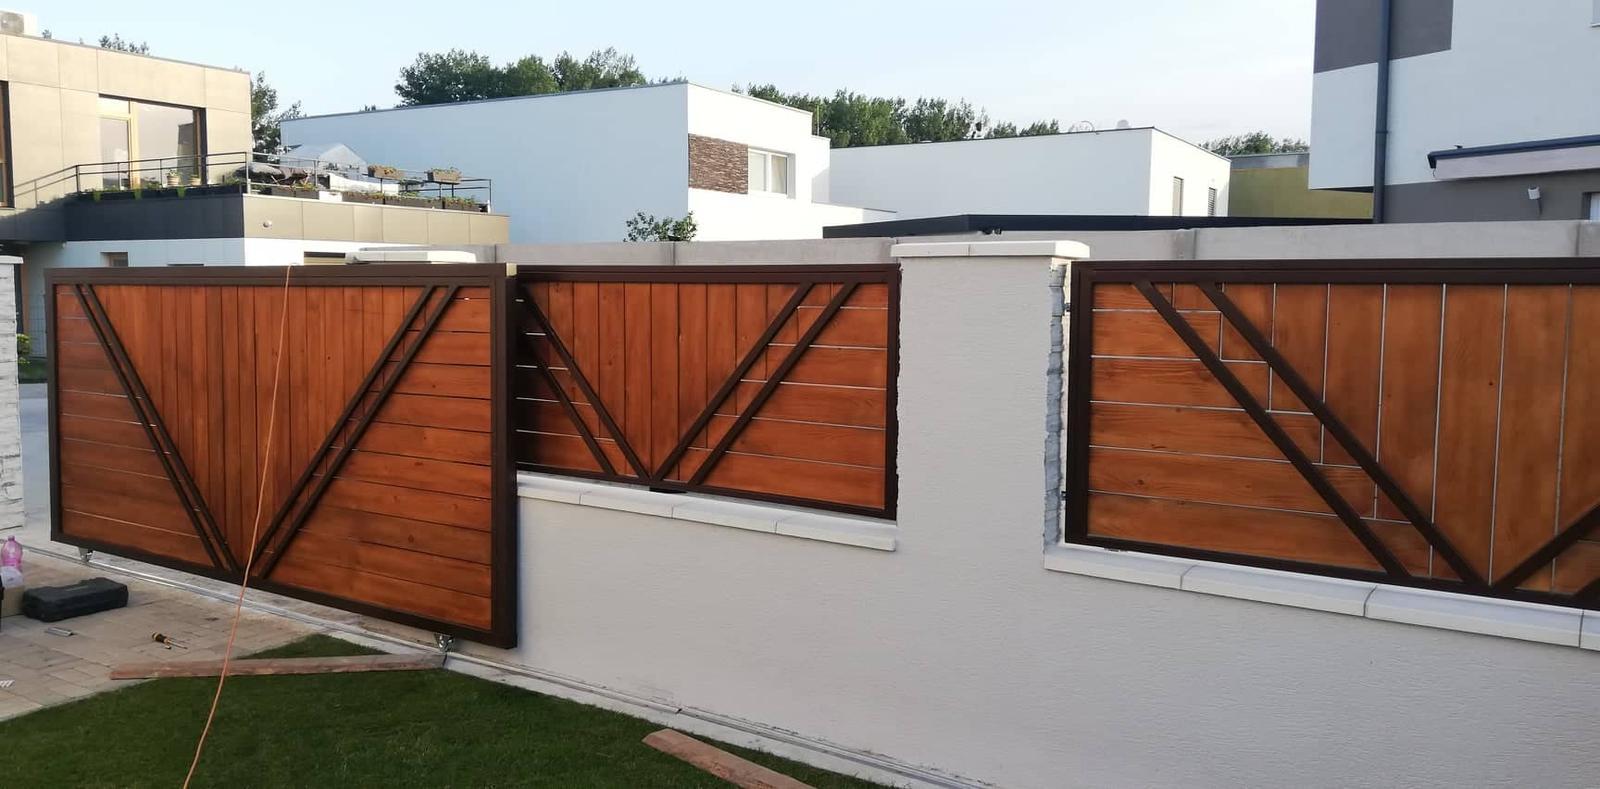 Posuvná brána + plotové výplne. Materiál smrek tzv parketový vzor - Obrázok č. 8